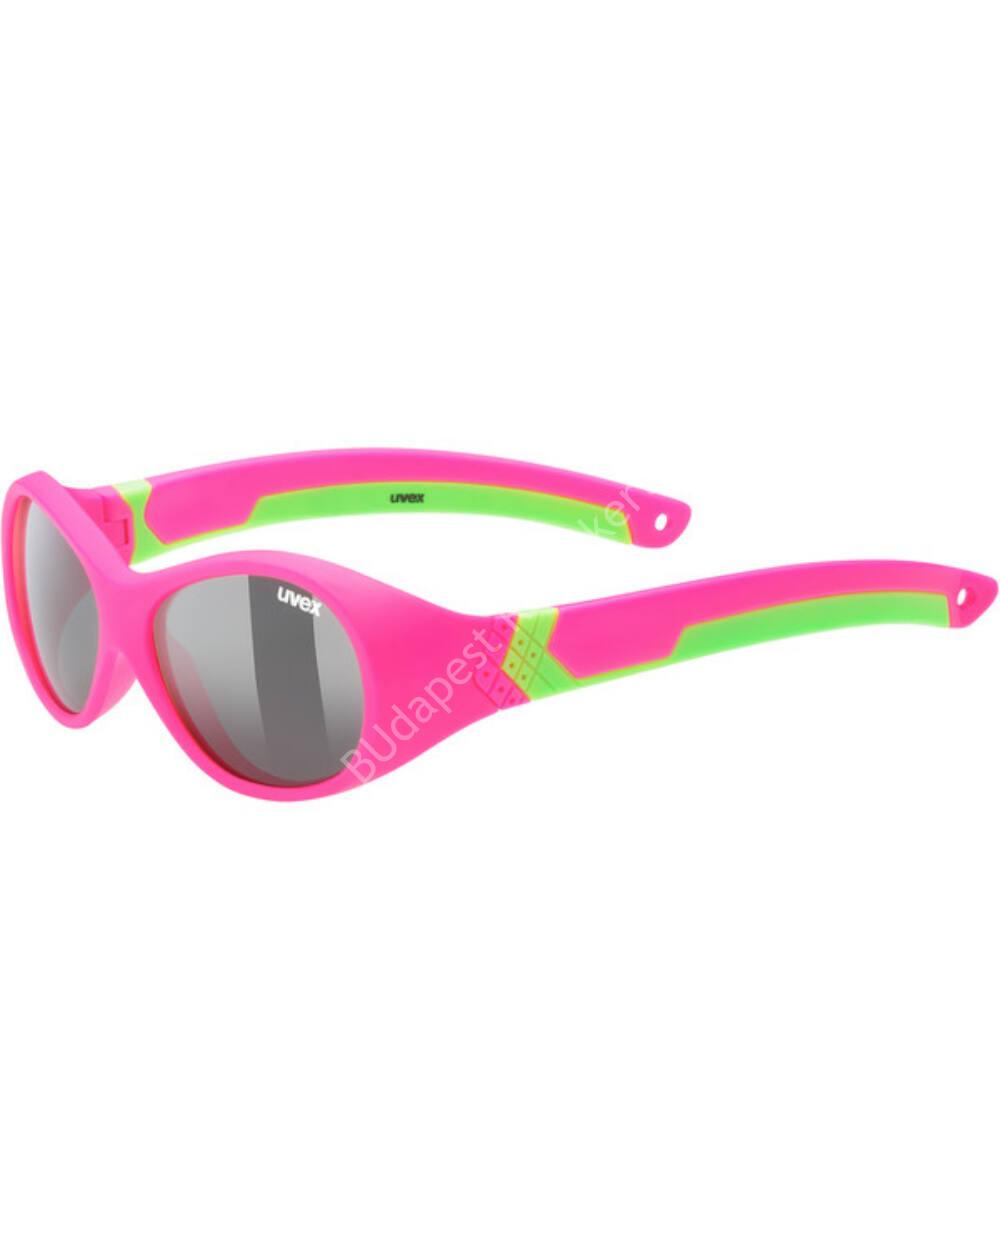 Uvex sportstyle 510 UV-védős sportszemüveg 1-3 éves, pink